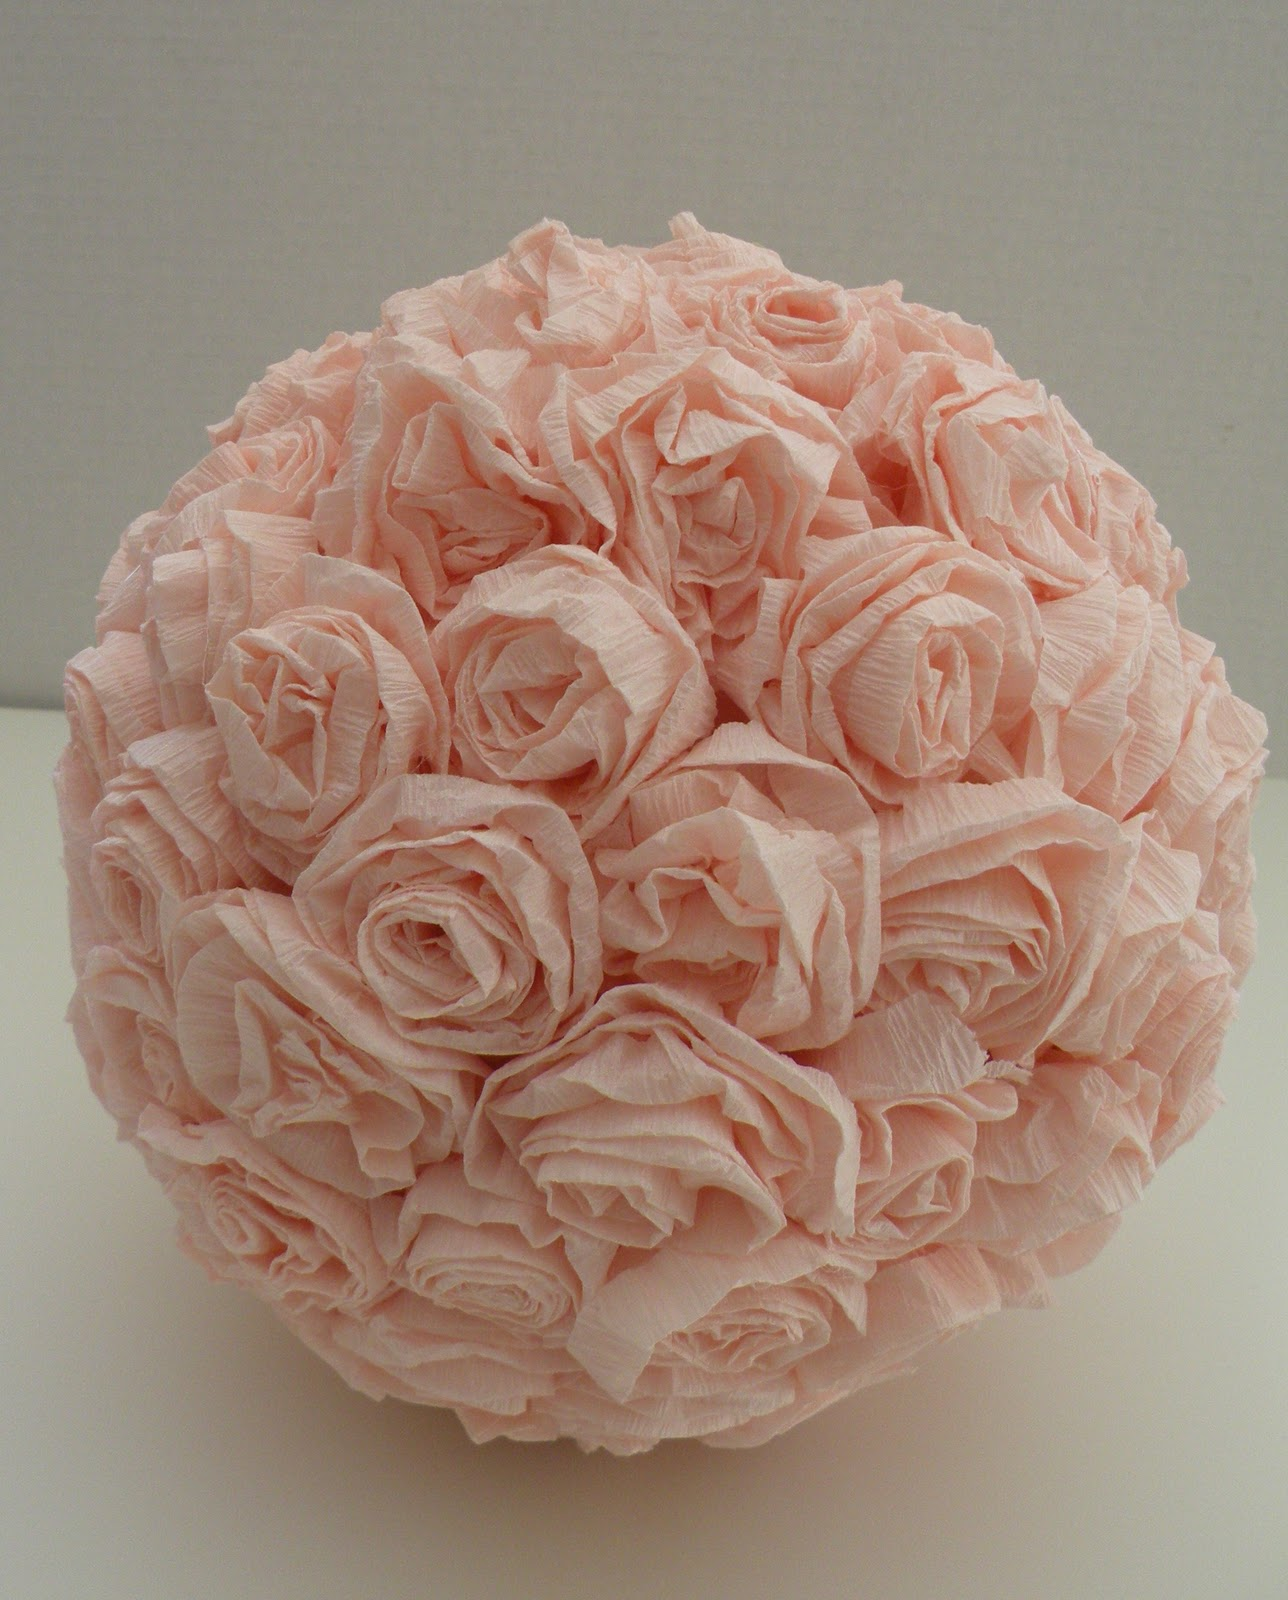 decoracao de casamento que eu posso fazer: de papel crepom .Eu posso fazer qualquer um destas flores para